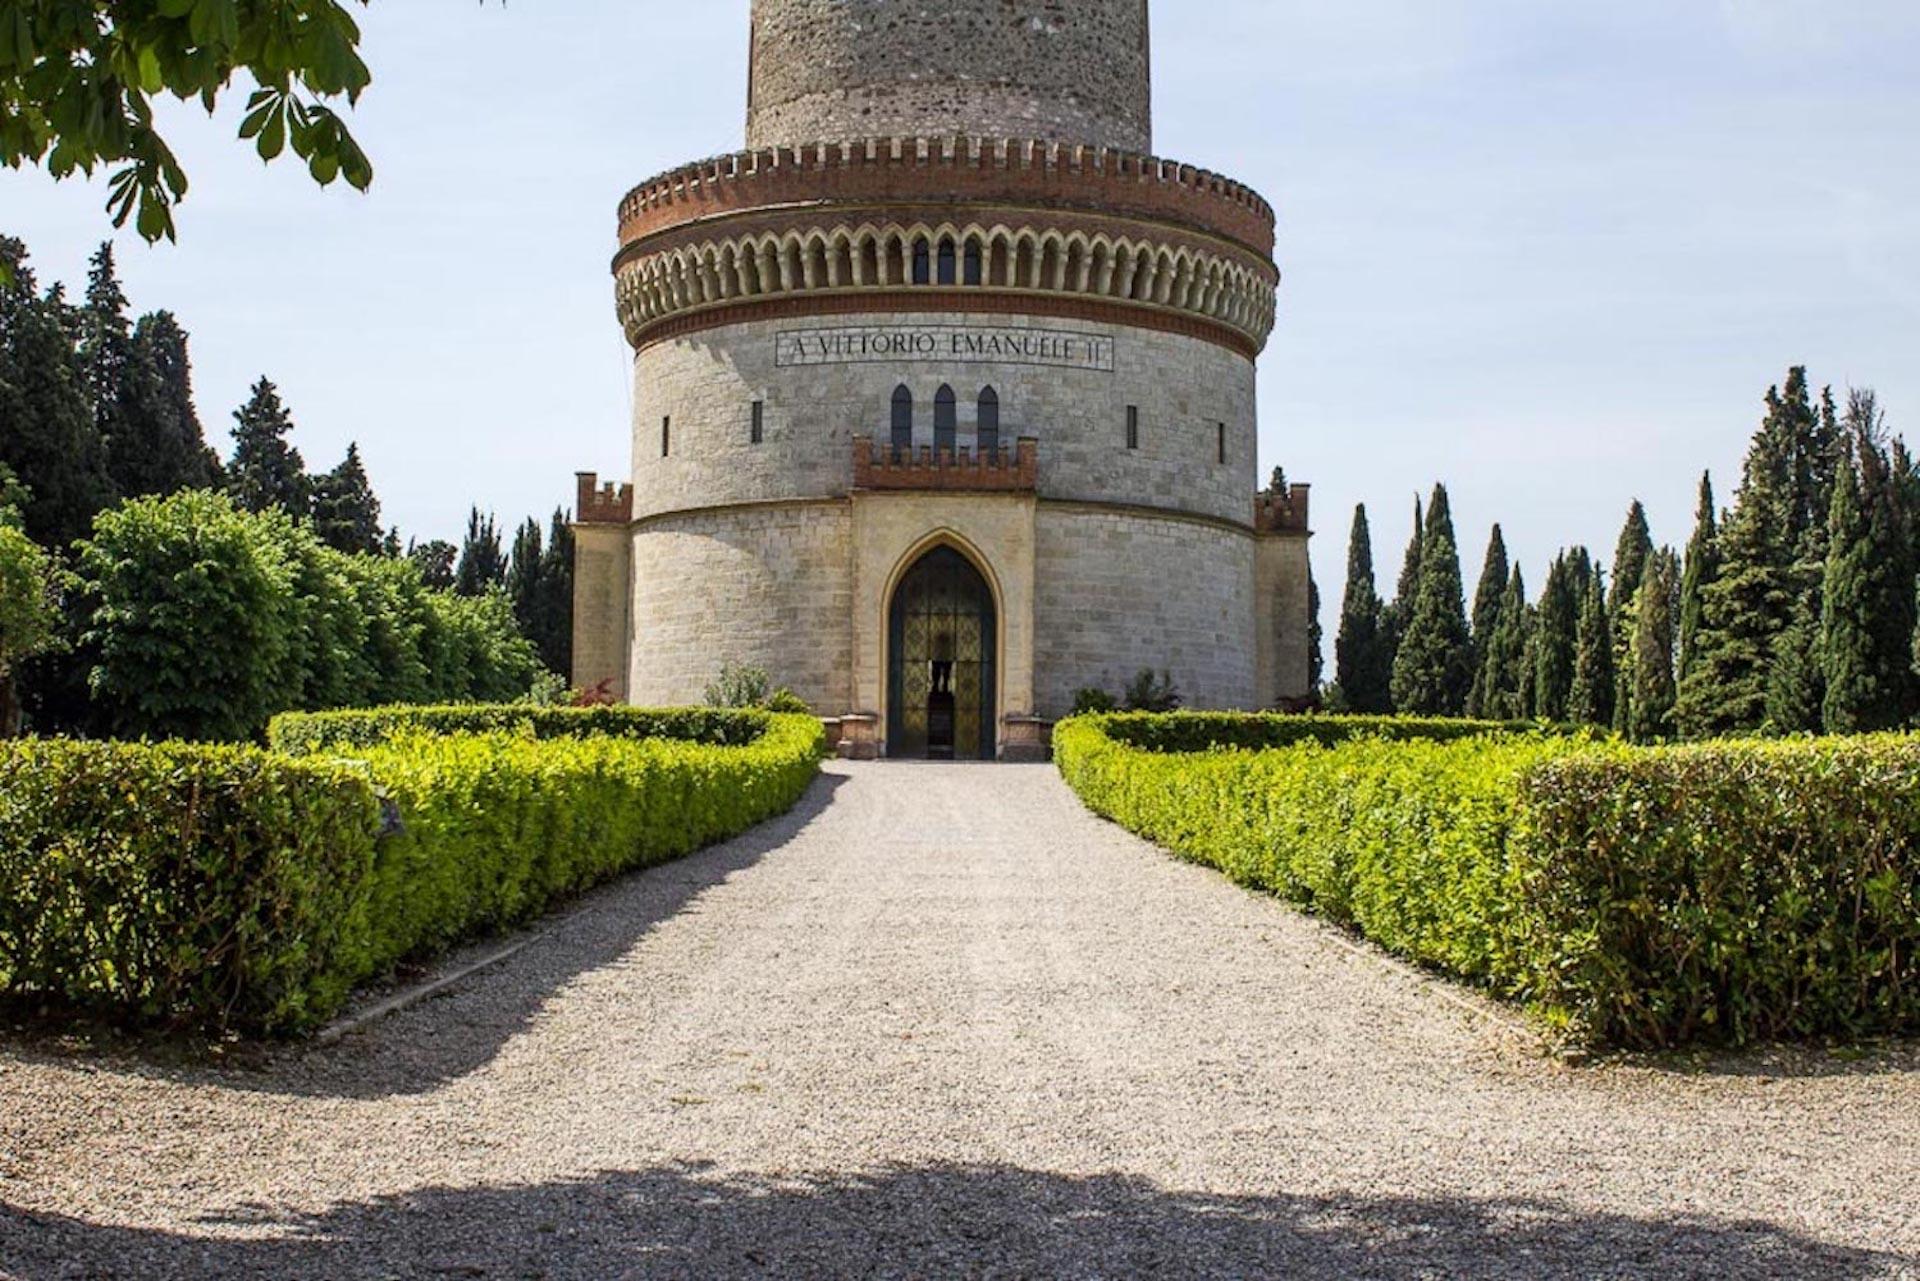 Tower San Martino della Battaglia